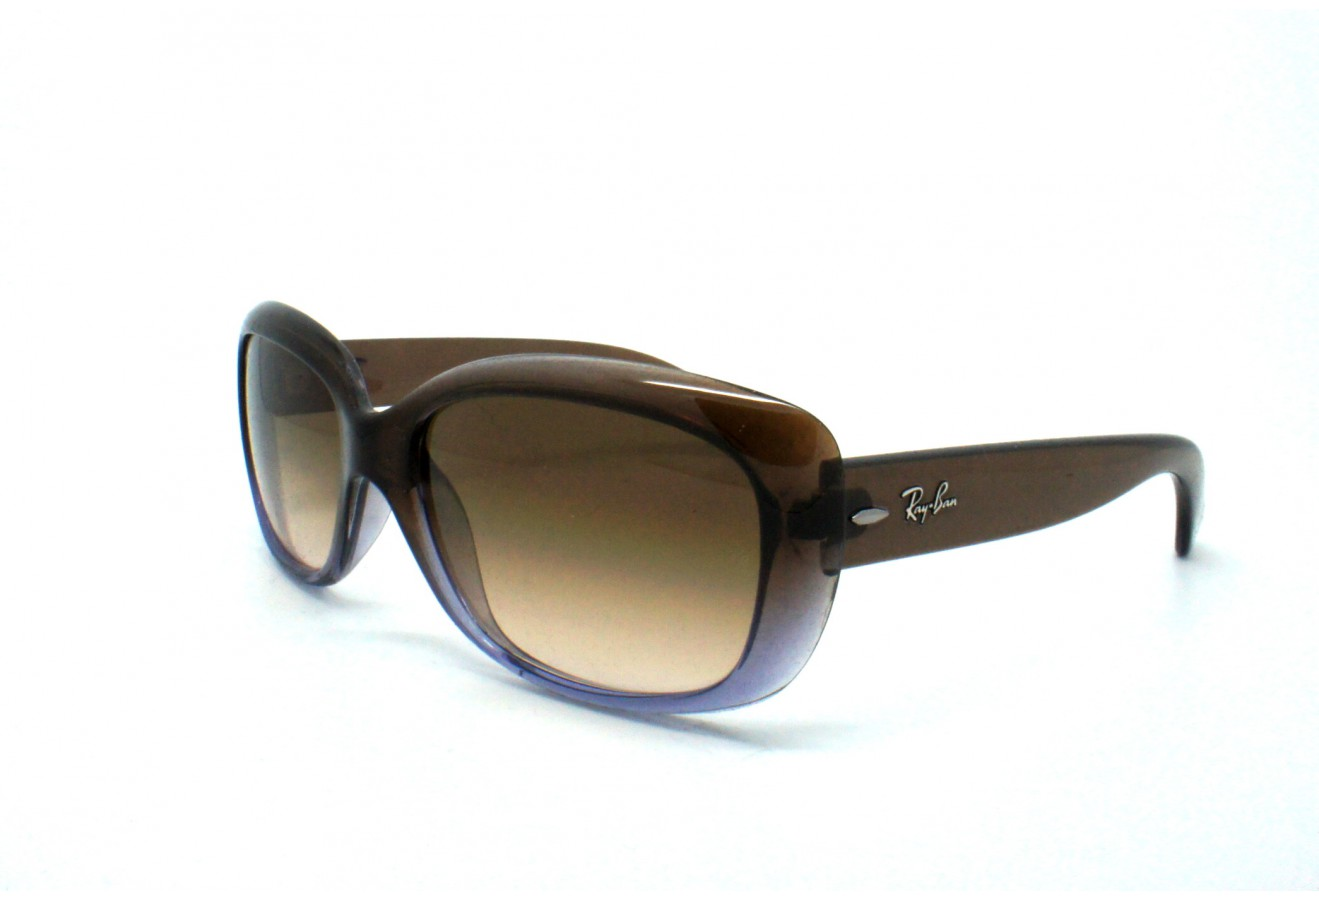 lunettes de soleil ray ban rb 4101 860 51 58 17. Black Bedroom Furniture Sets. Home Design Ideas